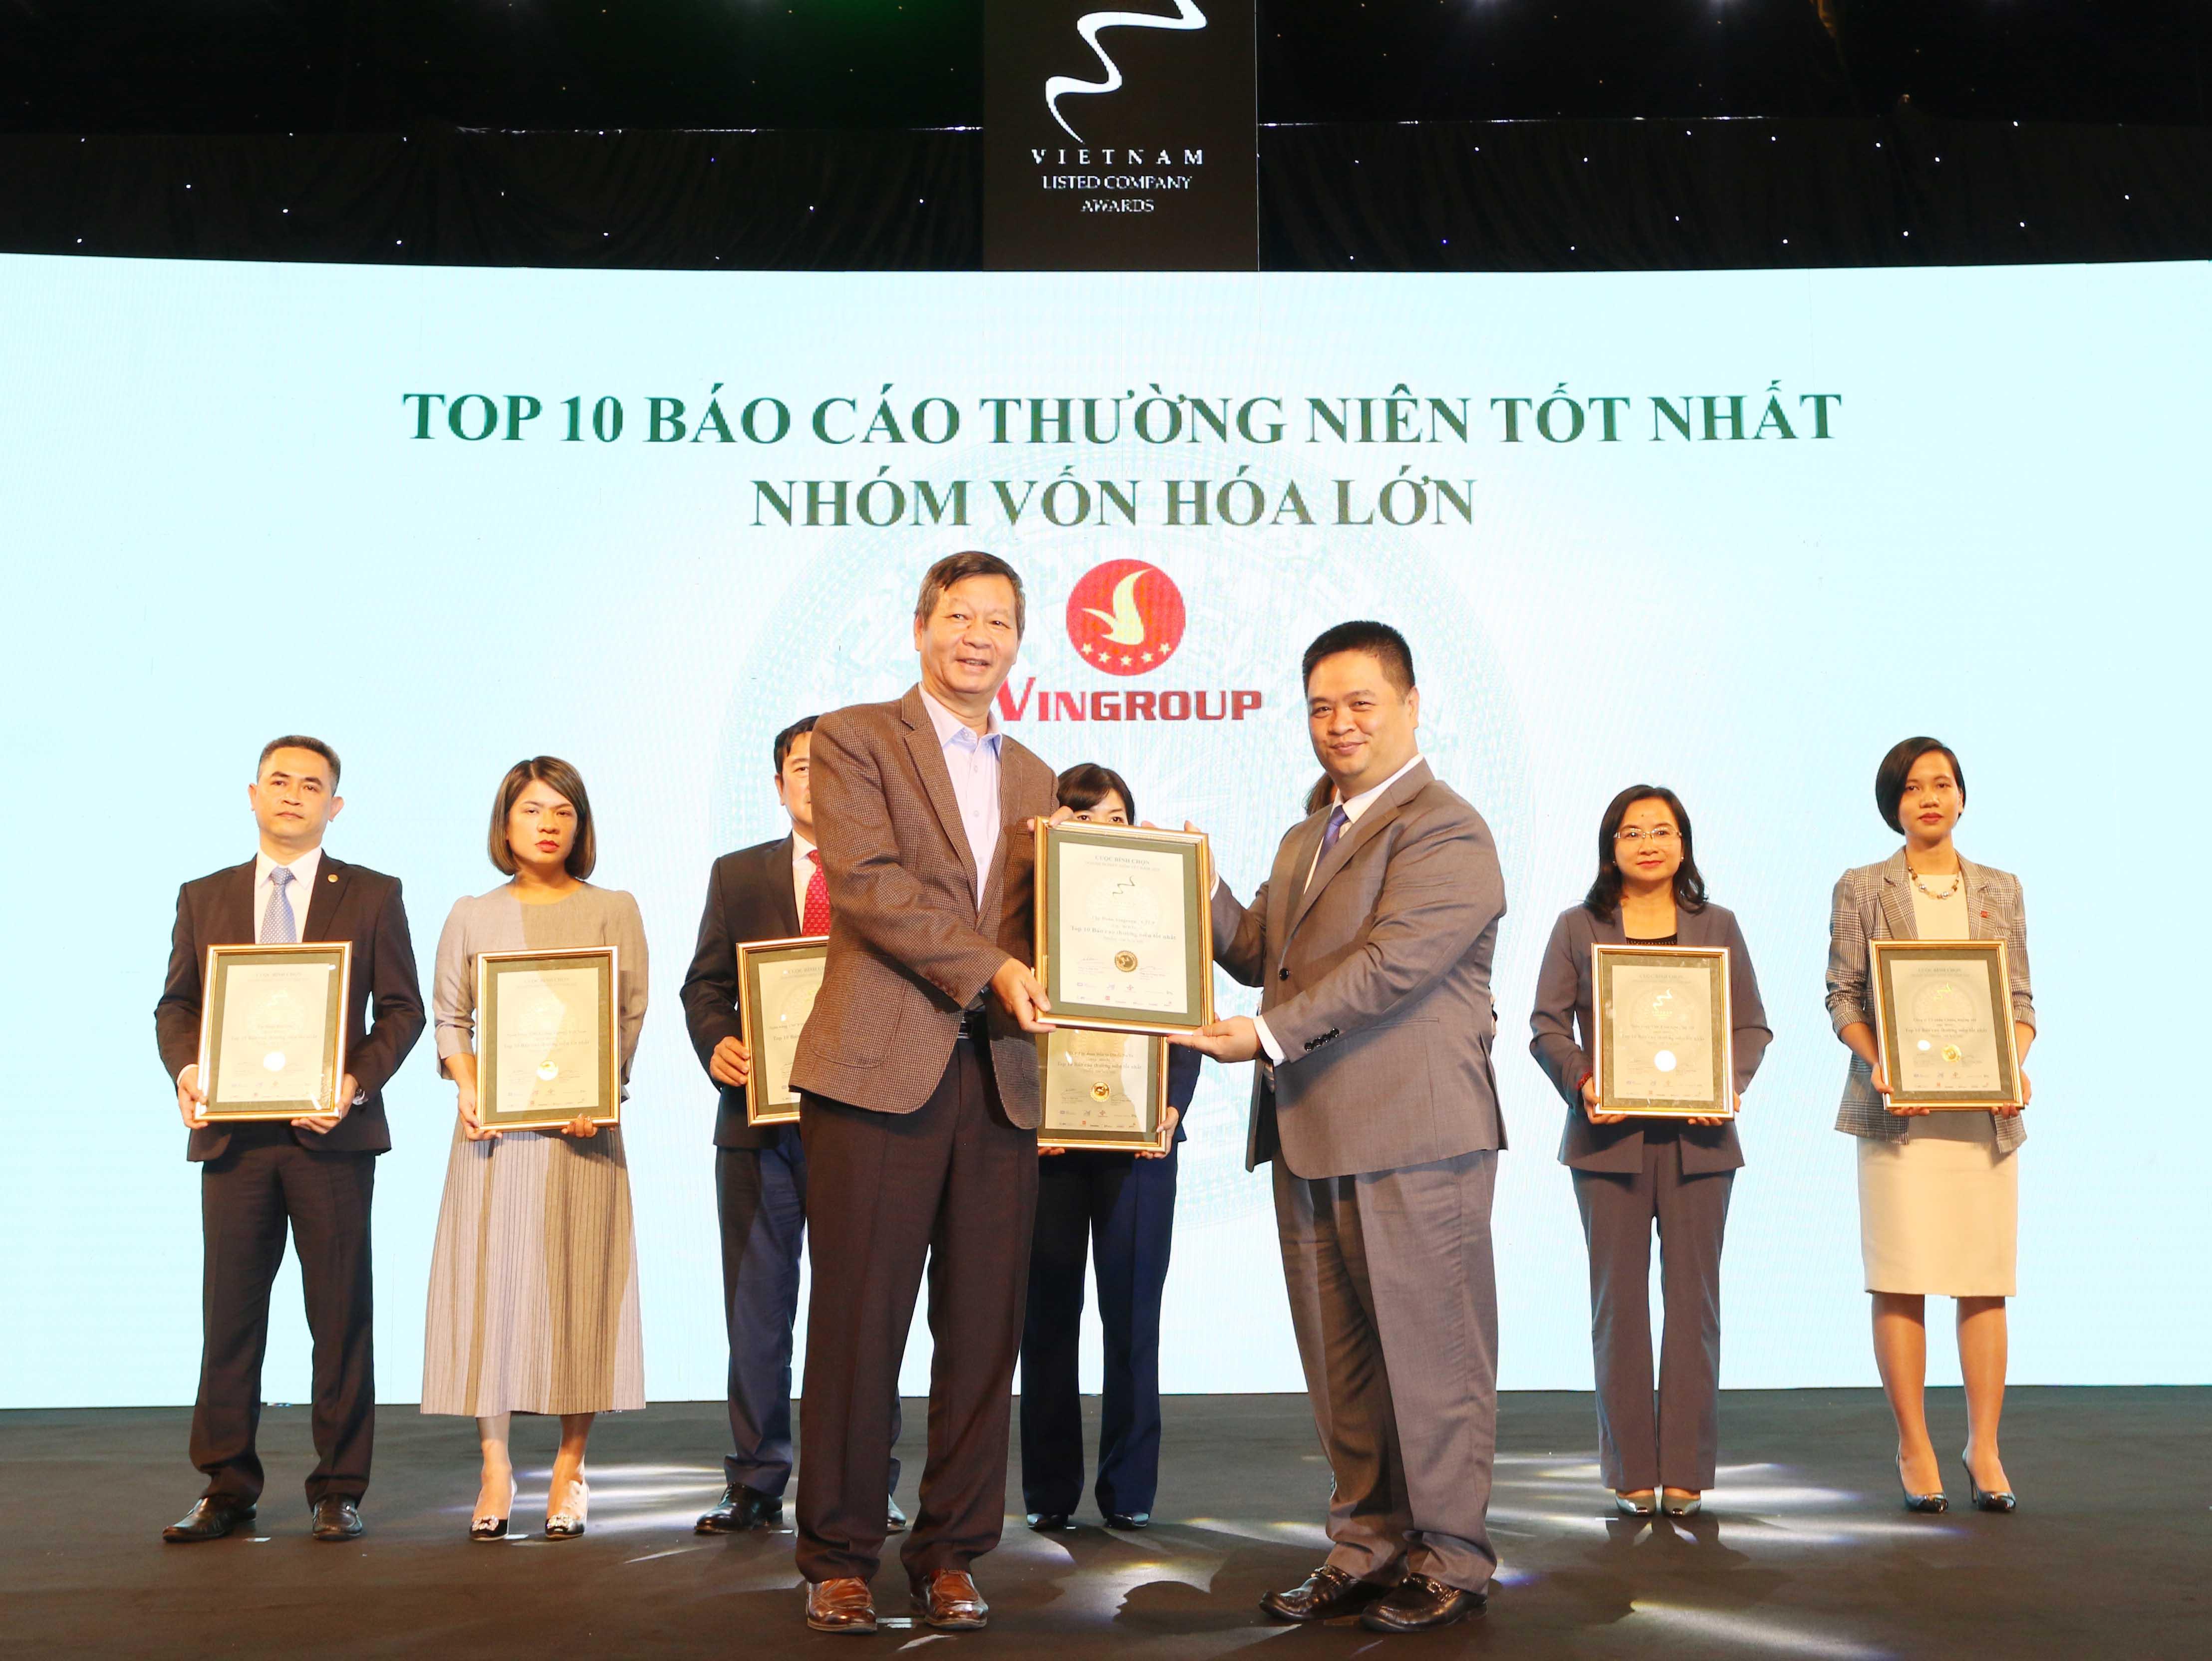 https://www.aravietnam.vn/wp-content/uploads/2020/12/34_Dại-diện-Vingroup-nhận-TOP-10-DNNY-nhóm-vốn-hóa-lớn-có-BCTN-tốt-nhất.jpg